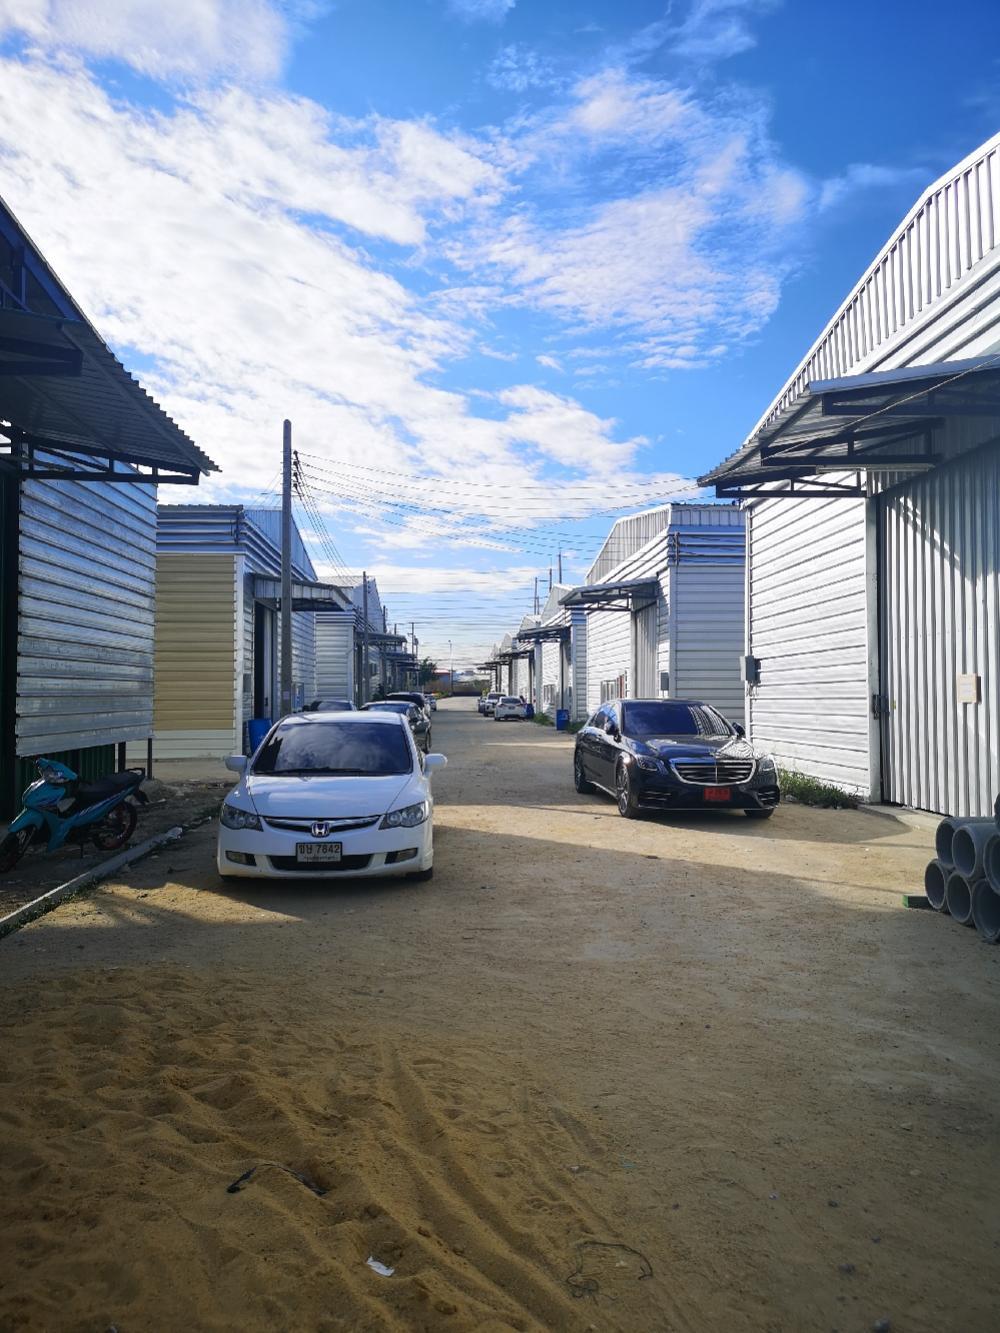 เช่าโรงงานสำโรง สมุทรปราการ : ให้เช่าโกดัง  โรงงาน เทพารักษ์คลองขุด พื้นที่ 150 ตรม -1,000  ตรม ติดถนนใหญ่ คลองขุด